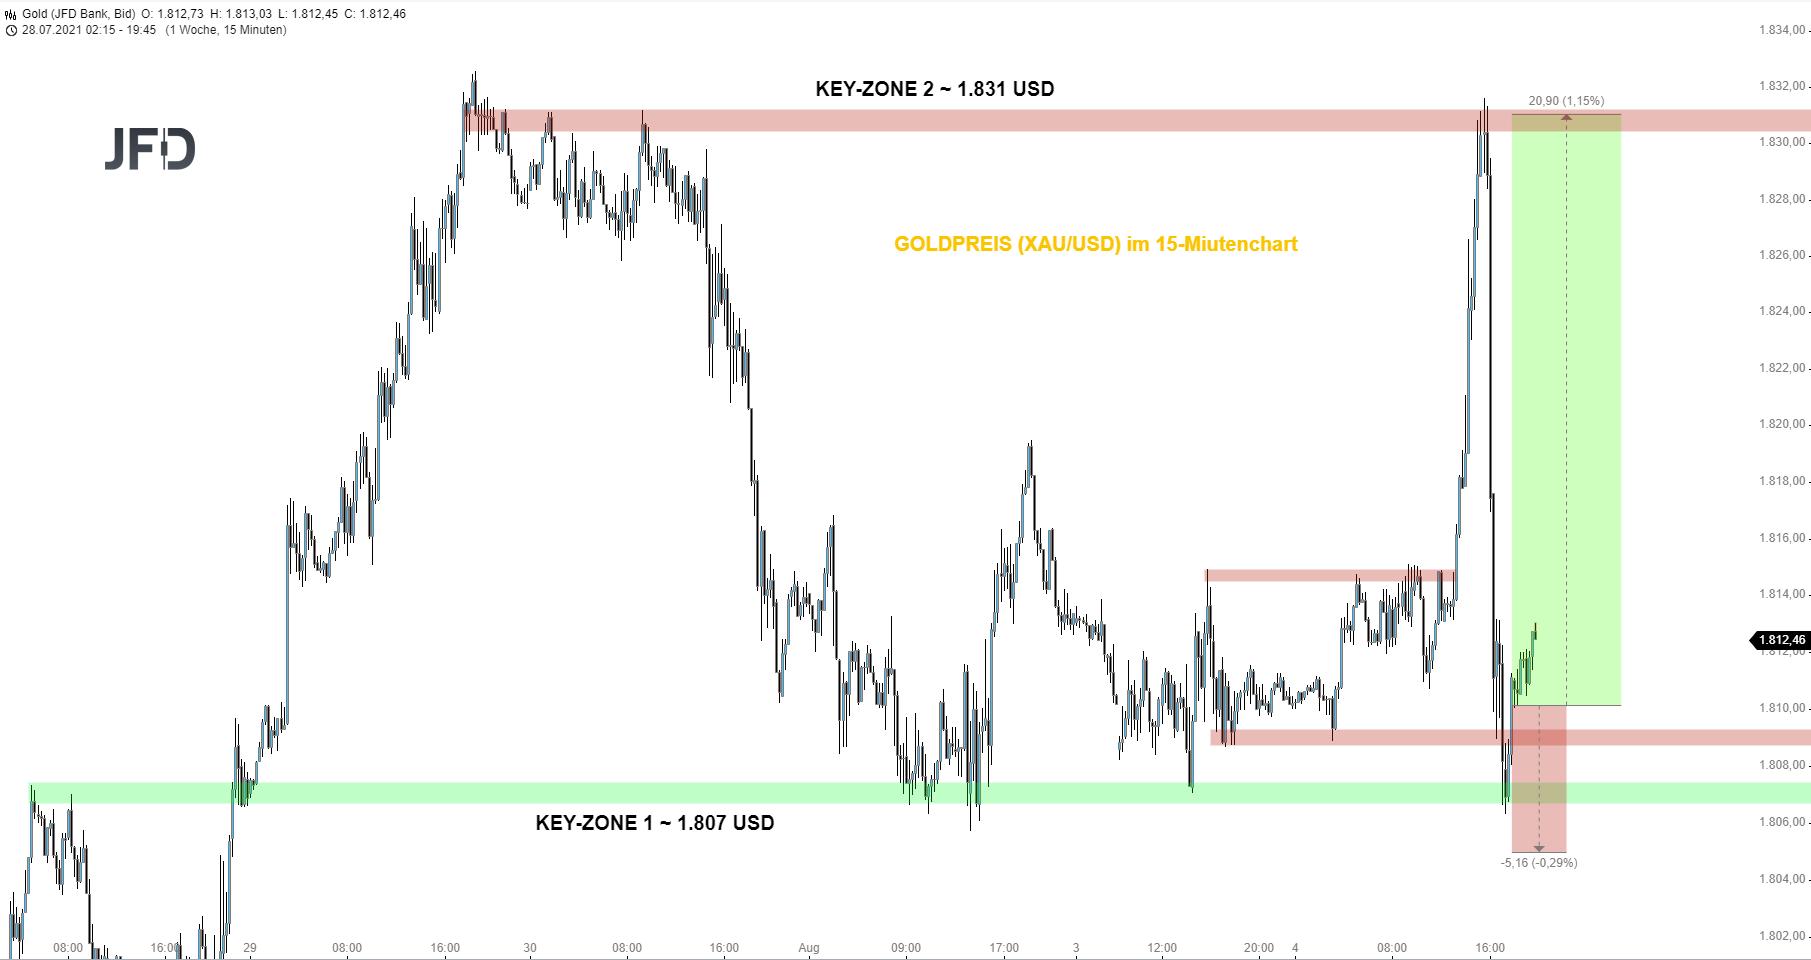 HEUTE-wilde-Volatilität-beim-Goldpreis-Long-Chance-Chartanalyse-Christian-Kämmerer-GodmodeTrader.de-1